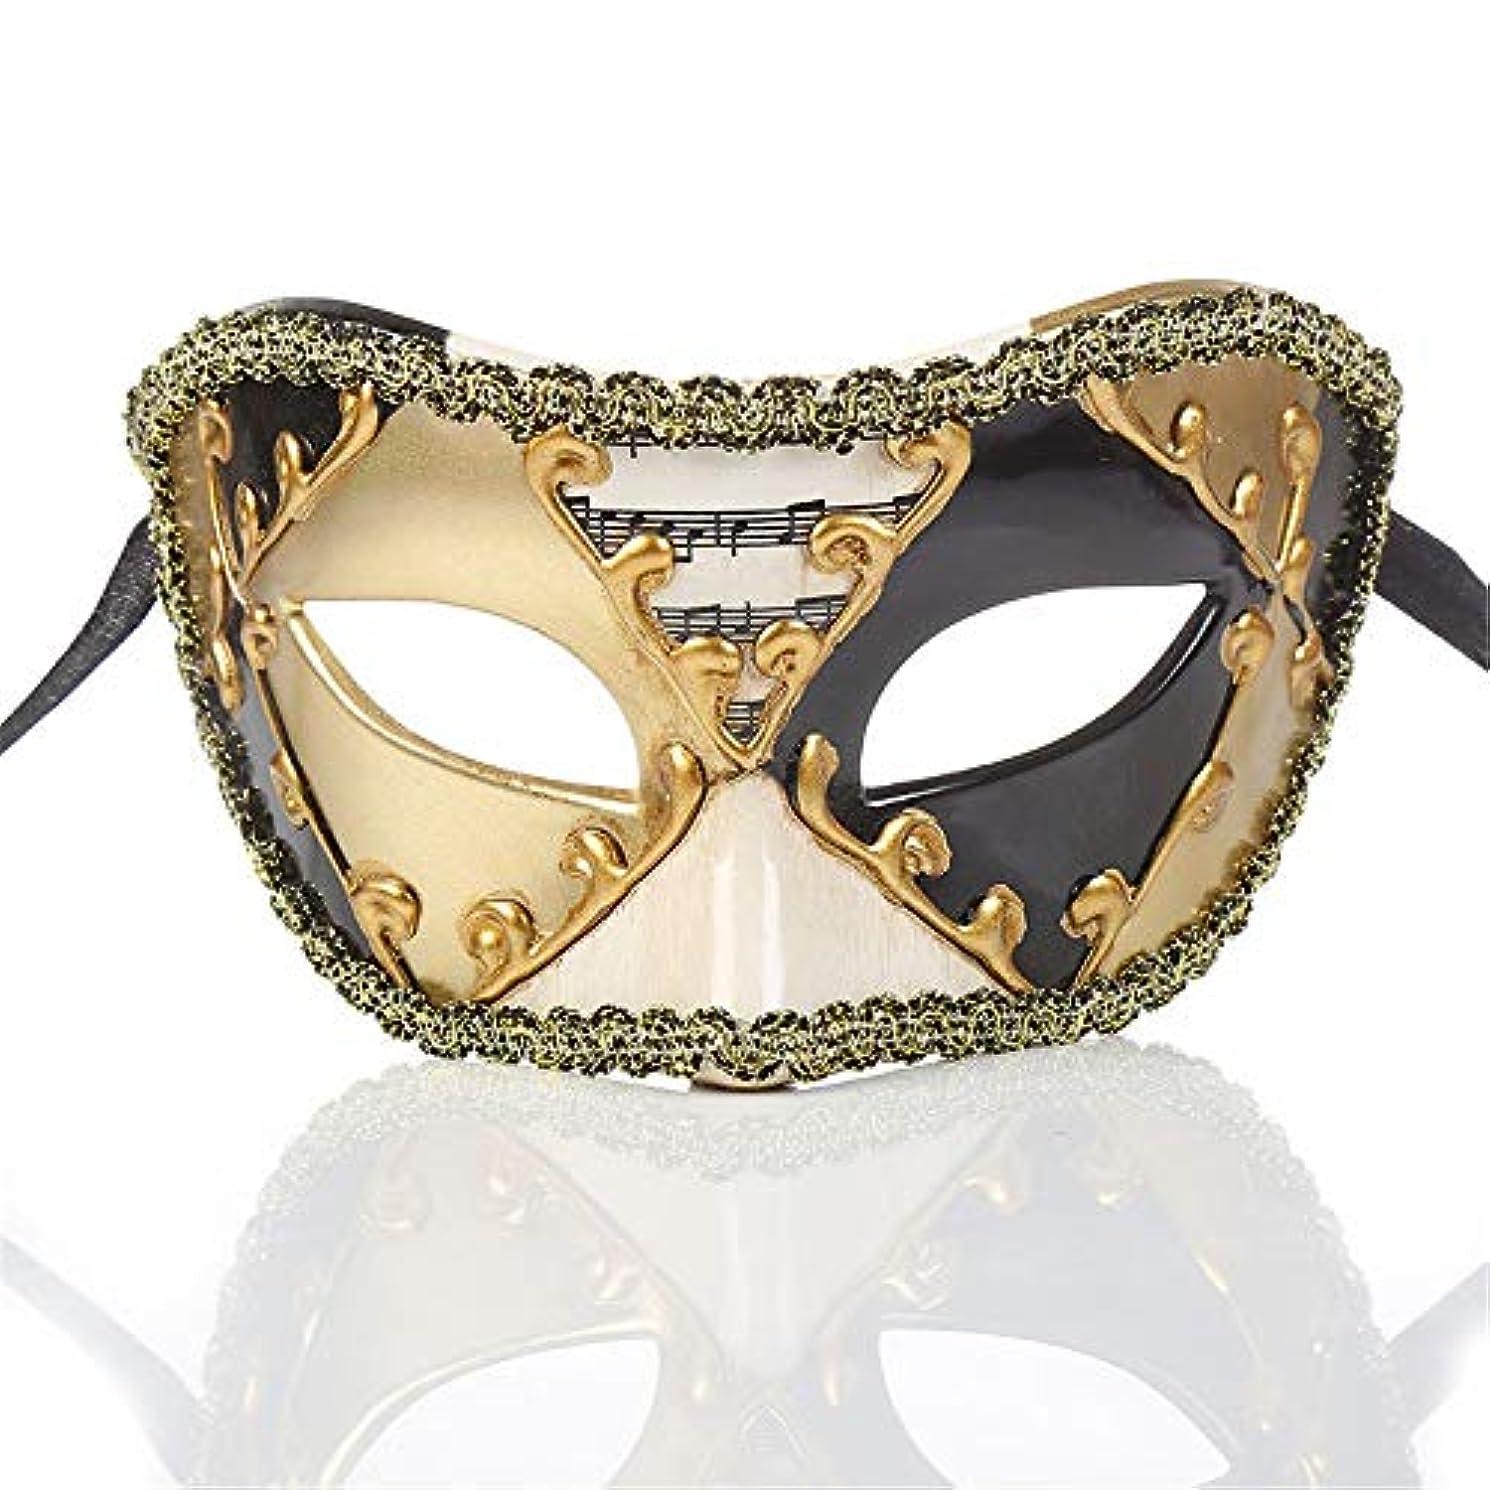 起こりやすいアナログほとんどないダンスマスク ヴィンテージクラシックハーフフェイスクラウンミュージカルノート装飾マスクフェスティバルロールプレイングプラスチックマスク パーティーボールマスク (色 : ブラック, サイズ : 16.5x8cm)